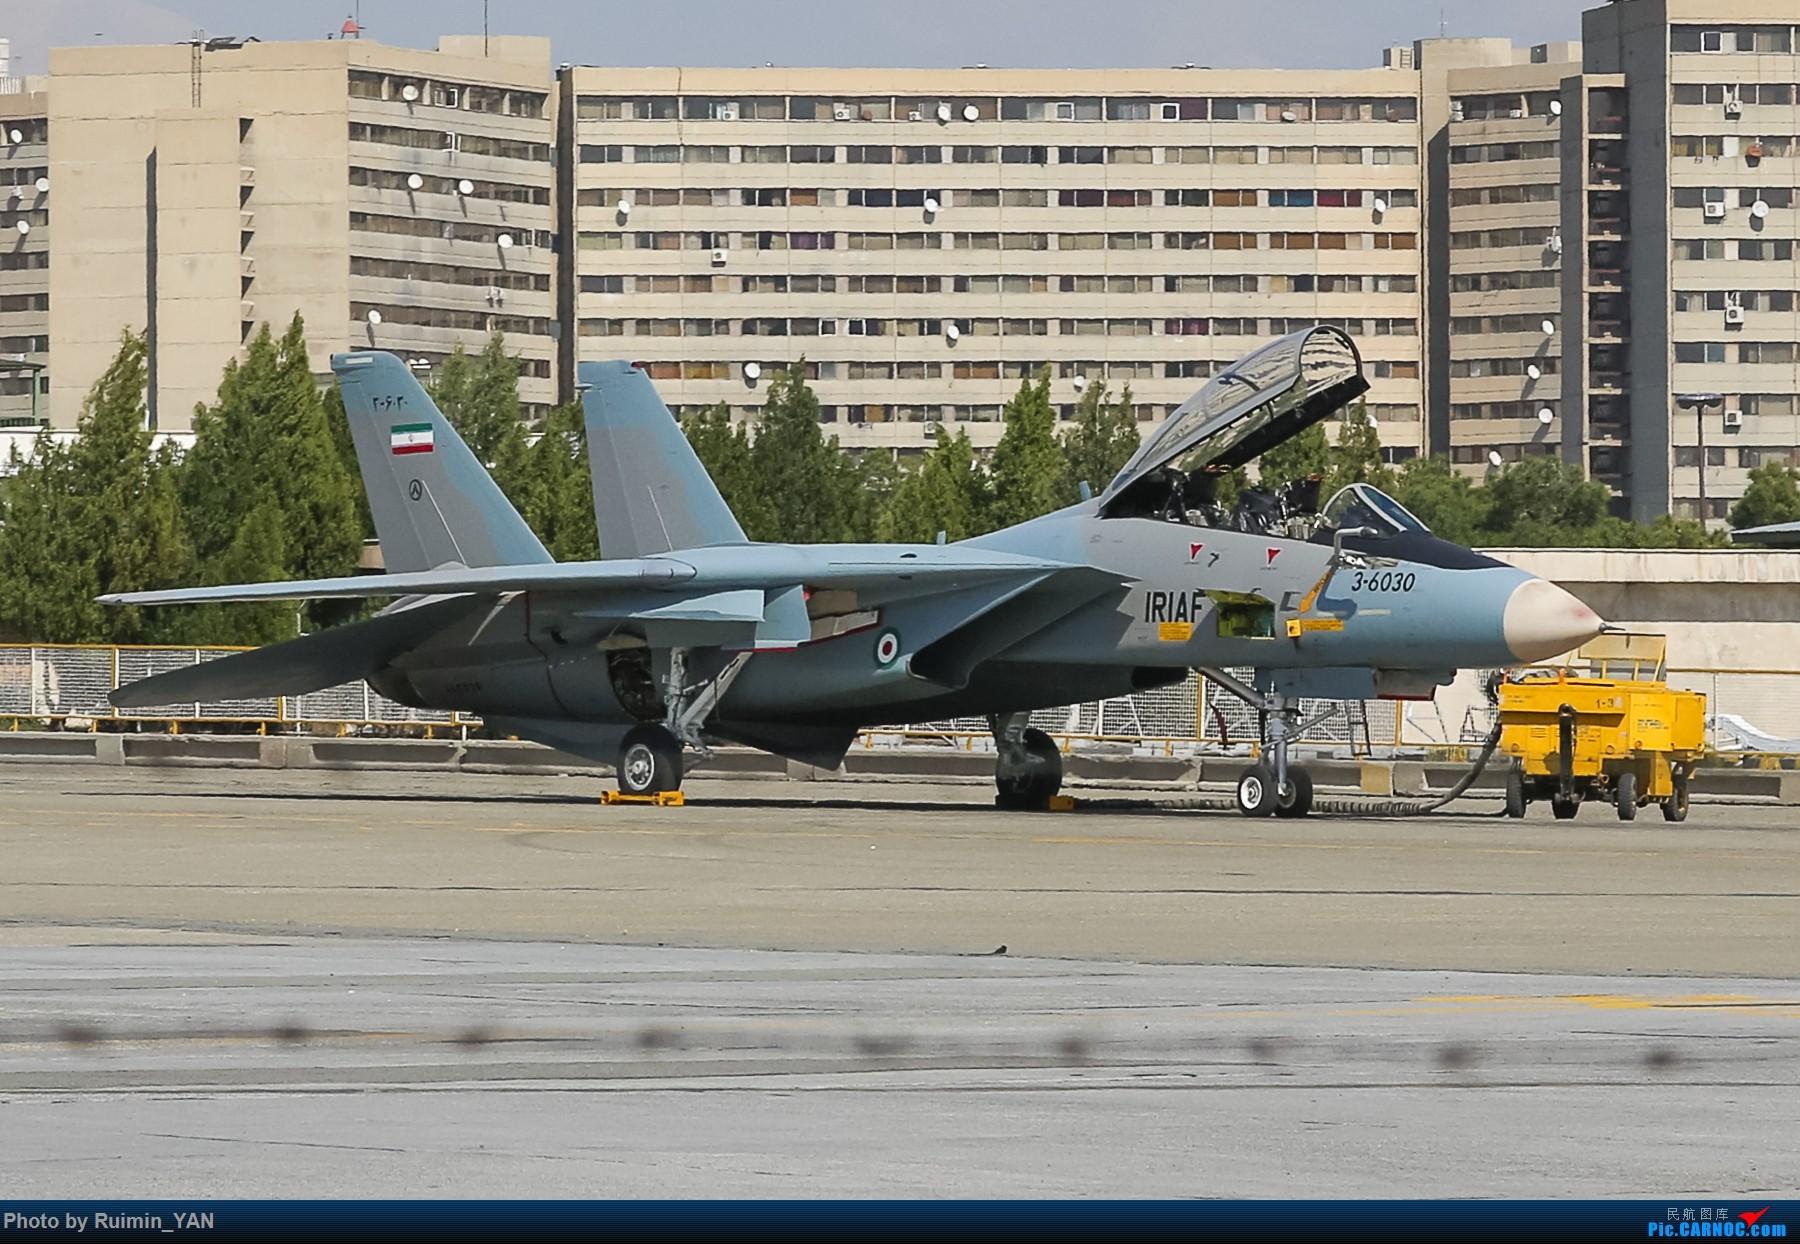 [原创]【THR】(德黑兰梅赫拉巴德机场)【波斯猫】伊朗空军-- F-14A(Tomcat雄猫),Su-22M-4,F-4(鬼怪Phantom) F-14A 3-6030 伊朗德黑兰机场